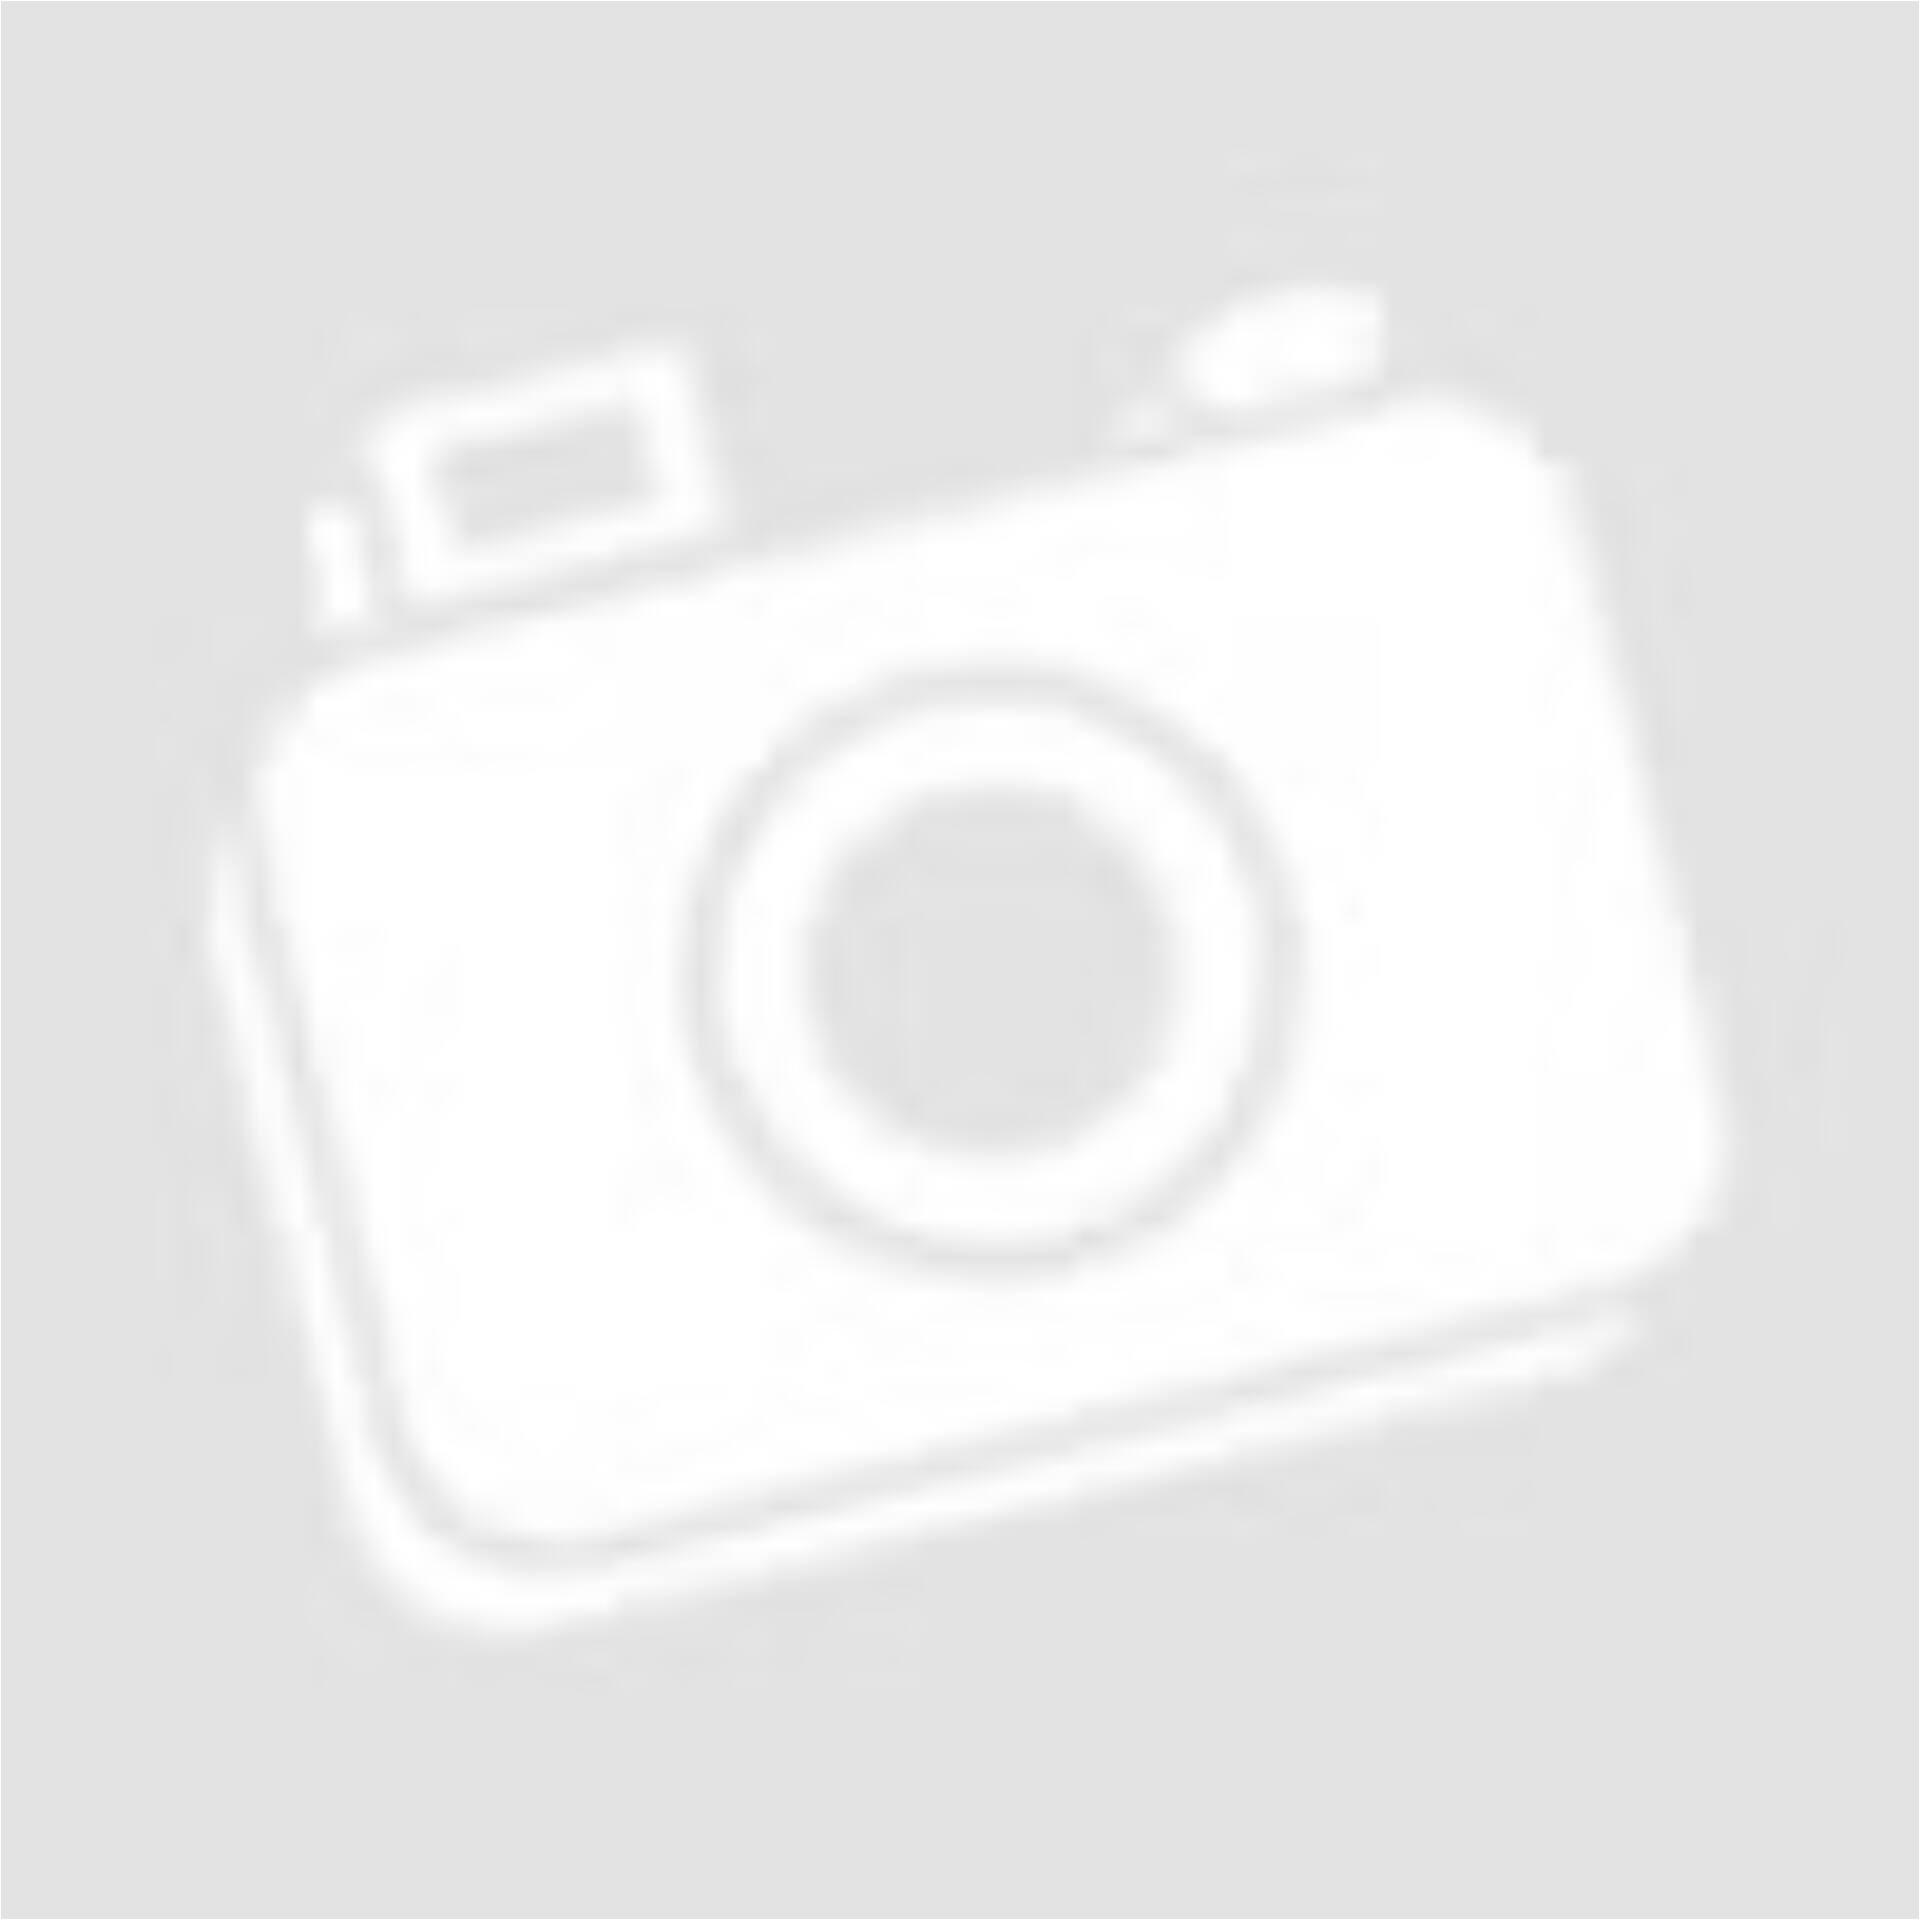 848dc53bc3 DOROTHY PERKINS fekete-fehér csíkos topp (Méret: XL) - Női póló ...